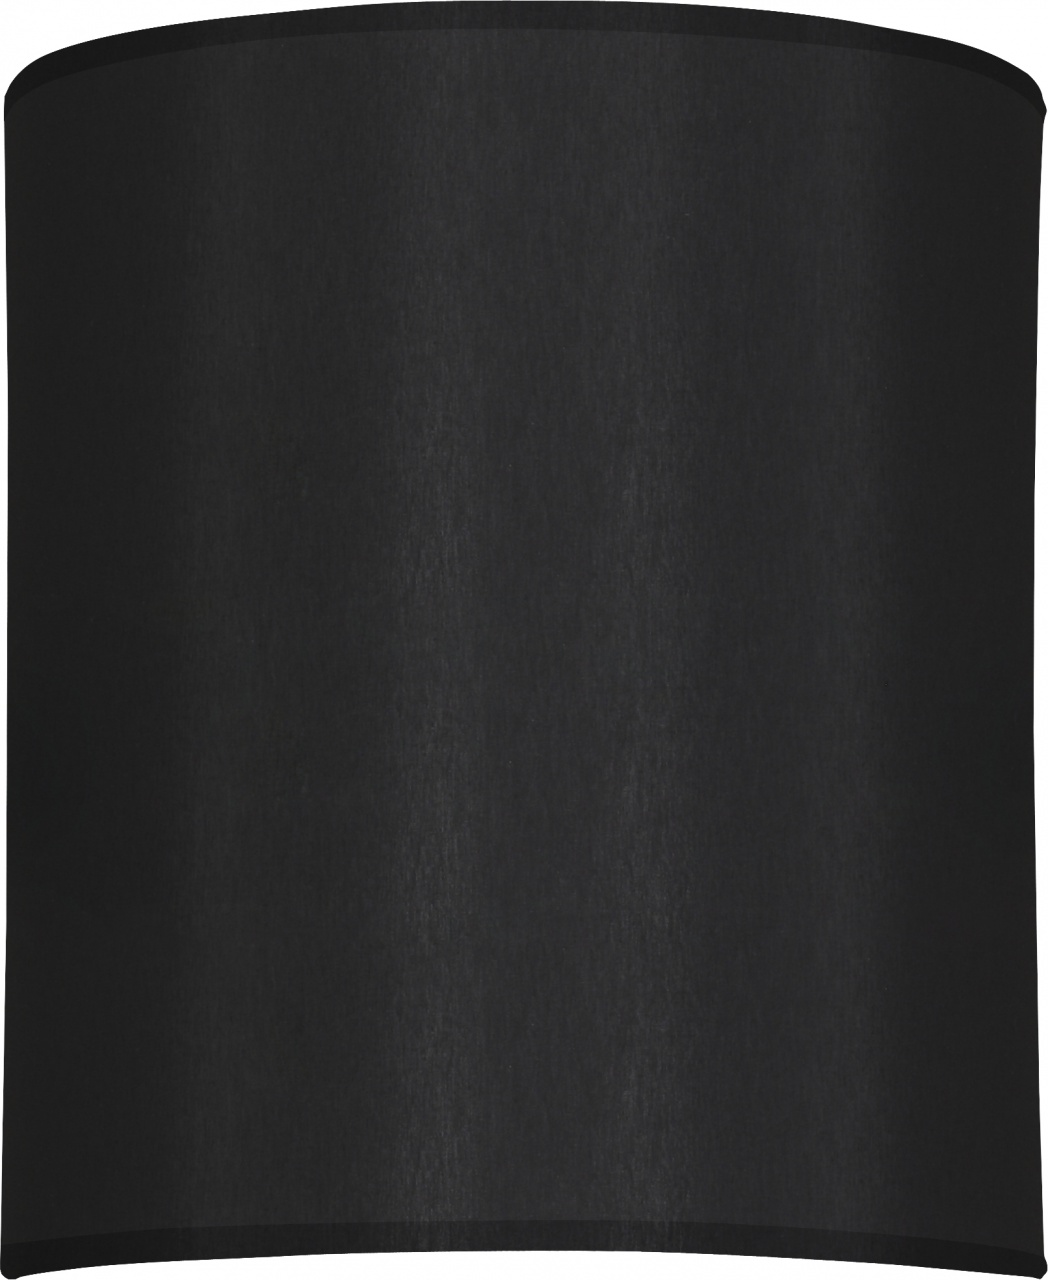 Настенный светильник Nowodvorski Alice 5724 настенный светодиодный светильник nowodvorski gess led 6912